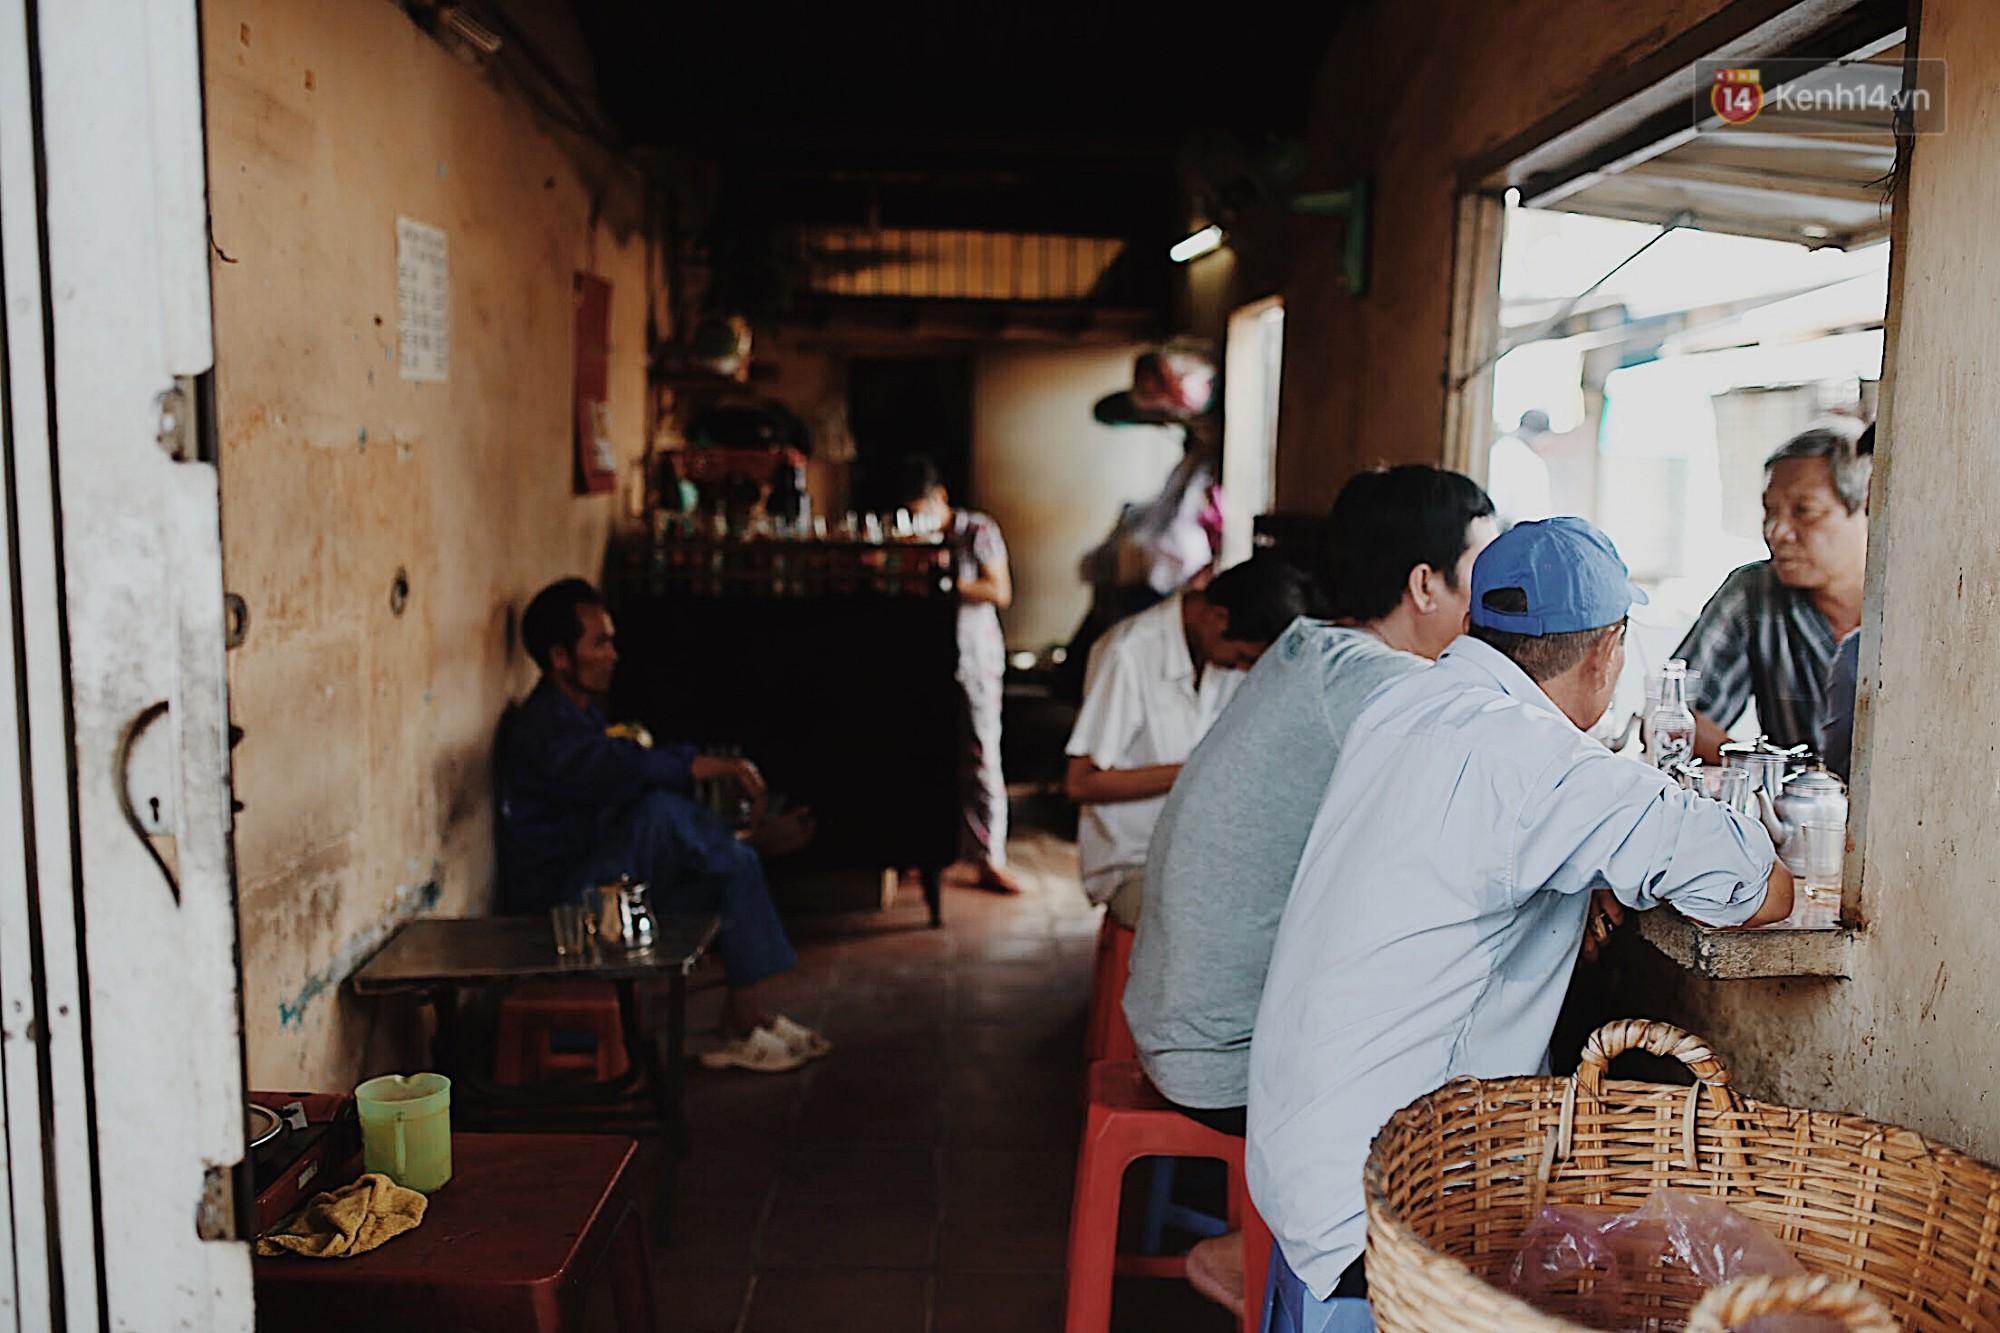 Quán cà phê bạc màu hơn nửa thế kỷ giữa lòng Sài Gòn: Đi đâu rồi cũng về ngồi đây, nhìn thành phố đổi thay nhiều lắm! - Ảnh 3.